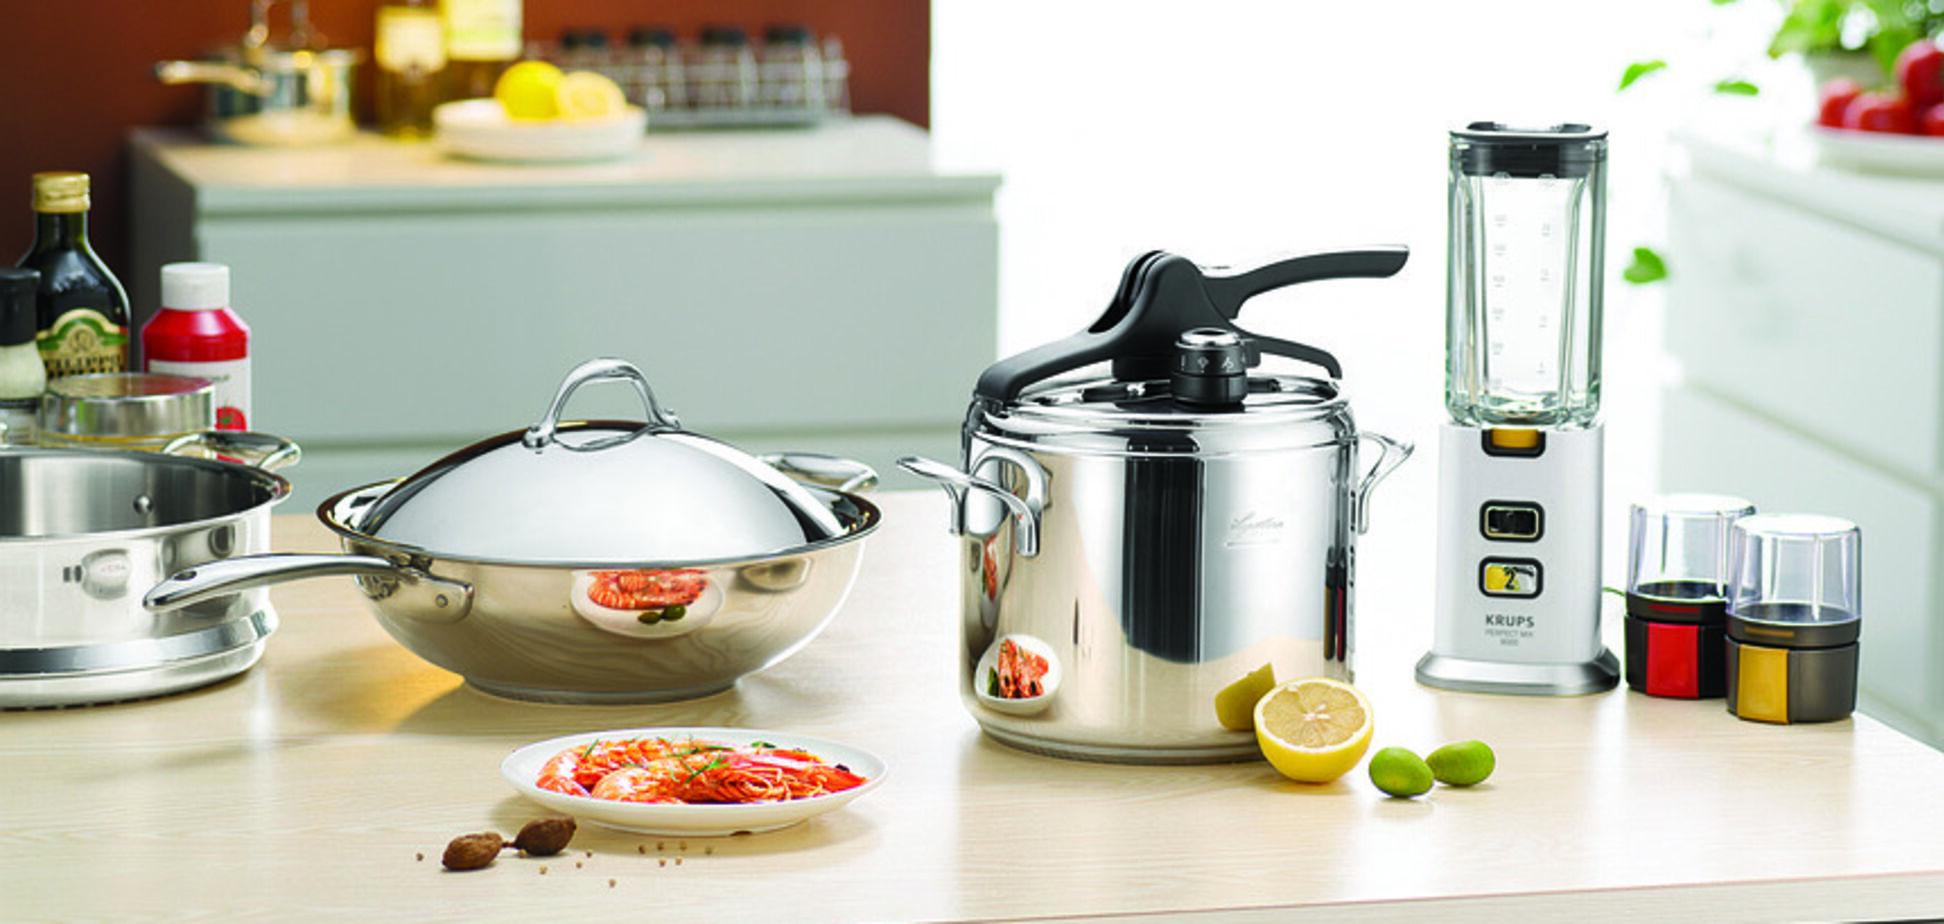 Кухонная посуда – как правильно выбрать и на что обращать внимание